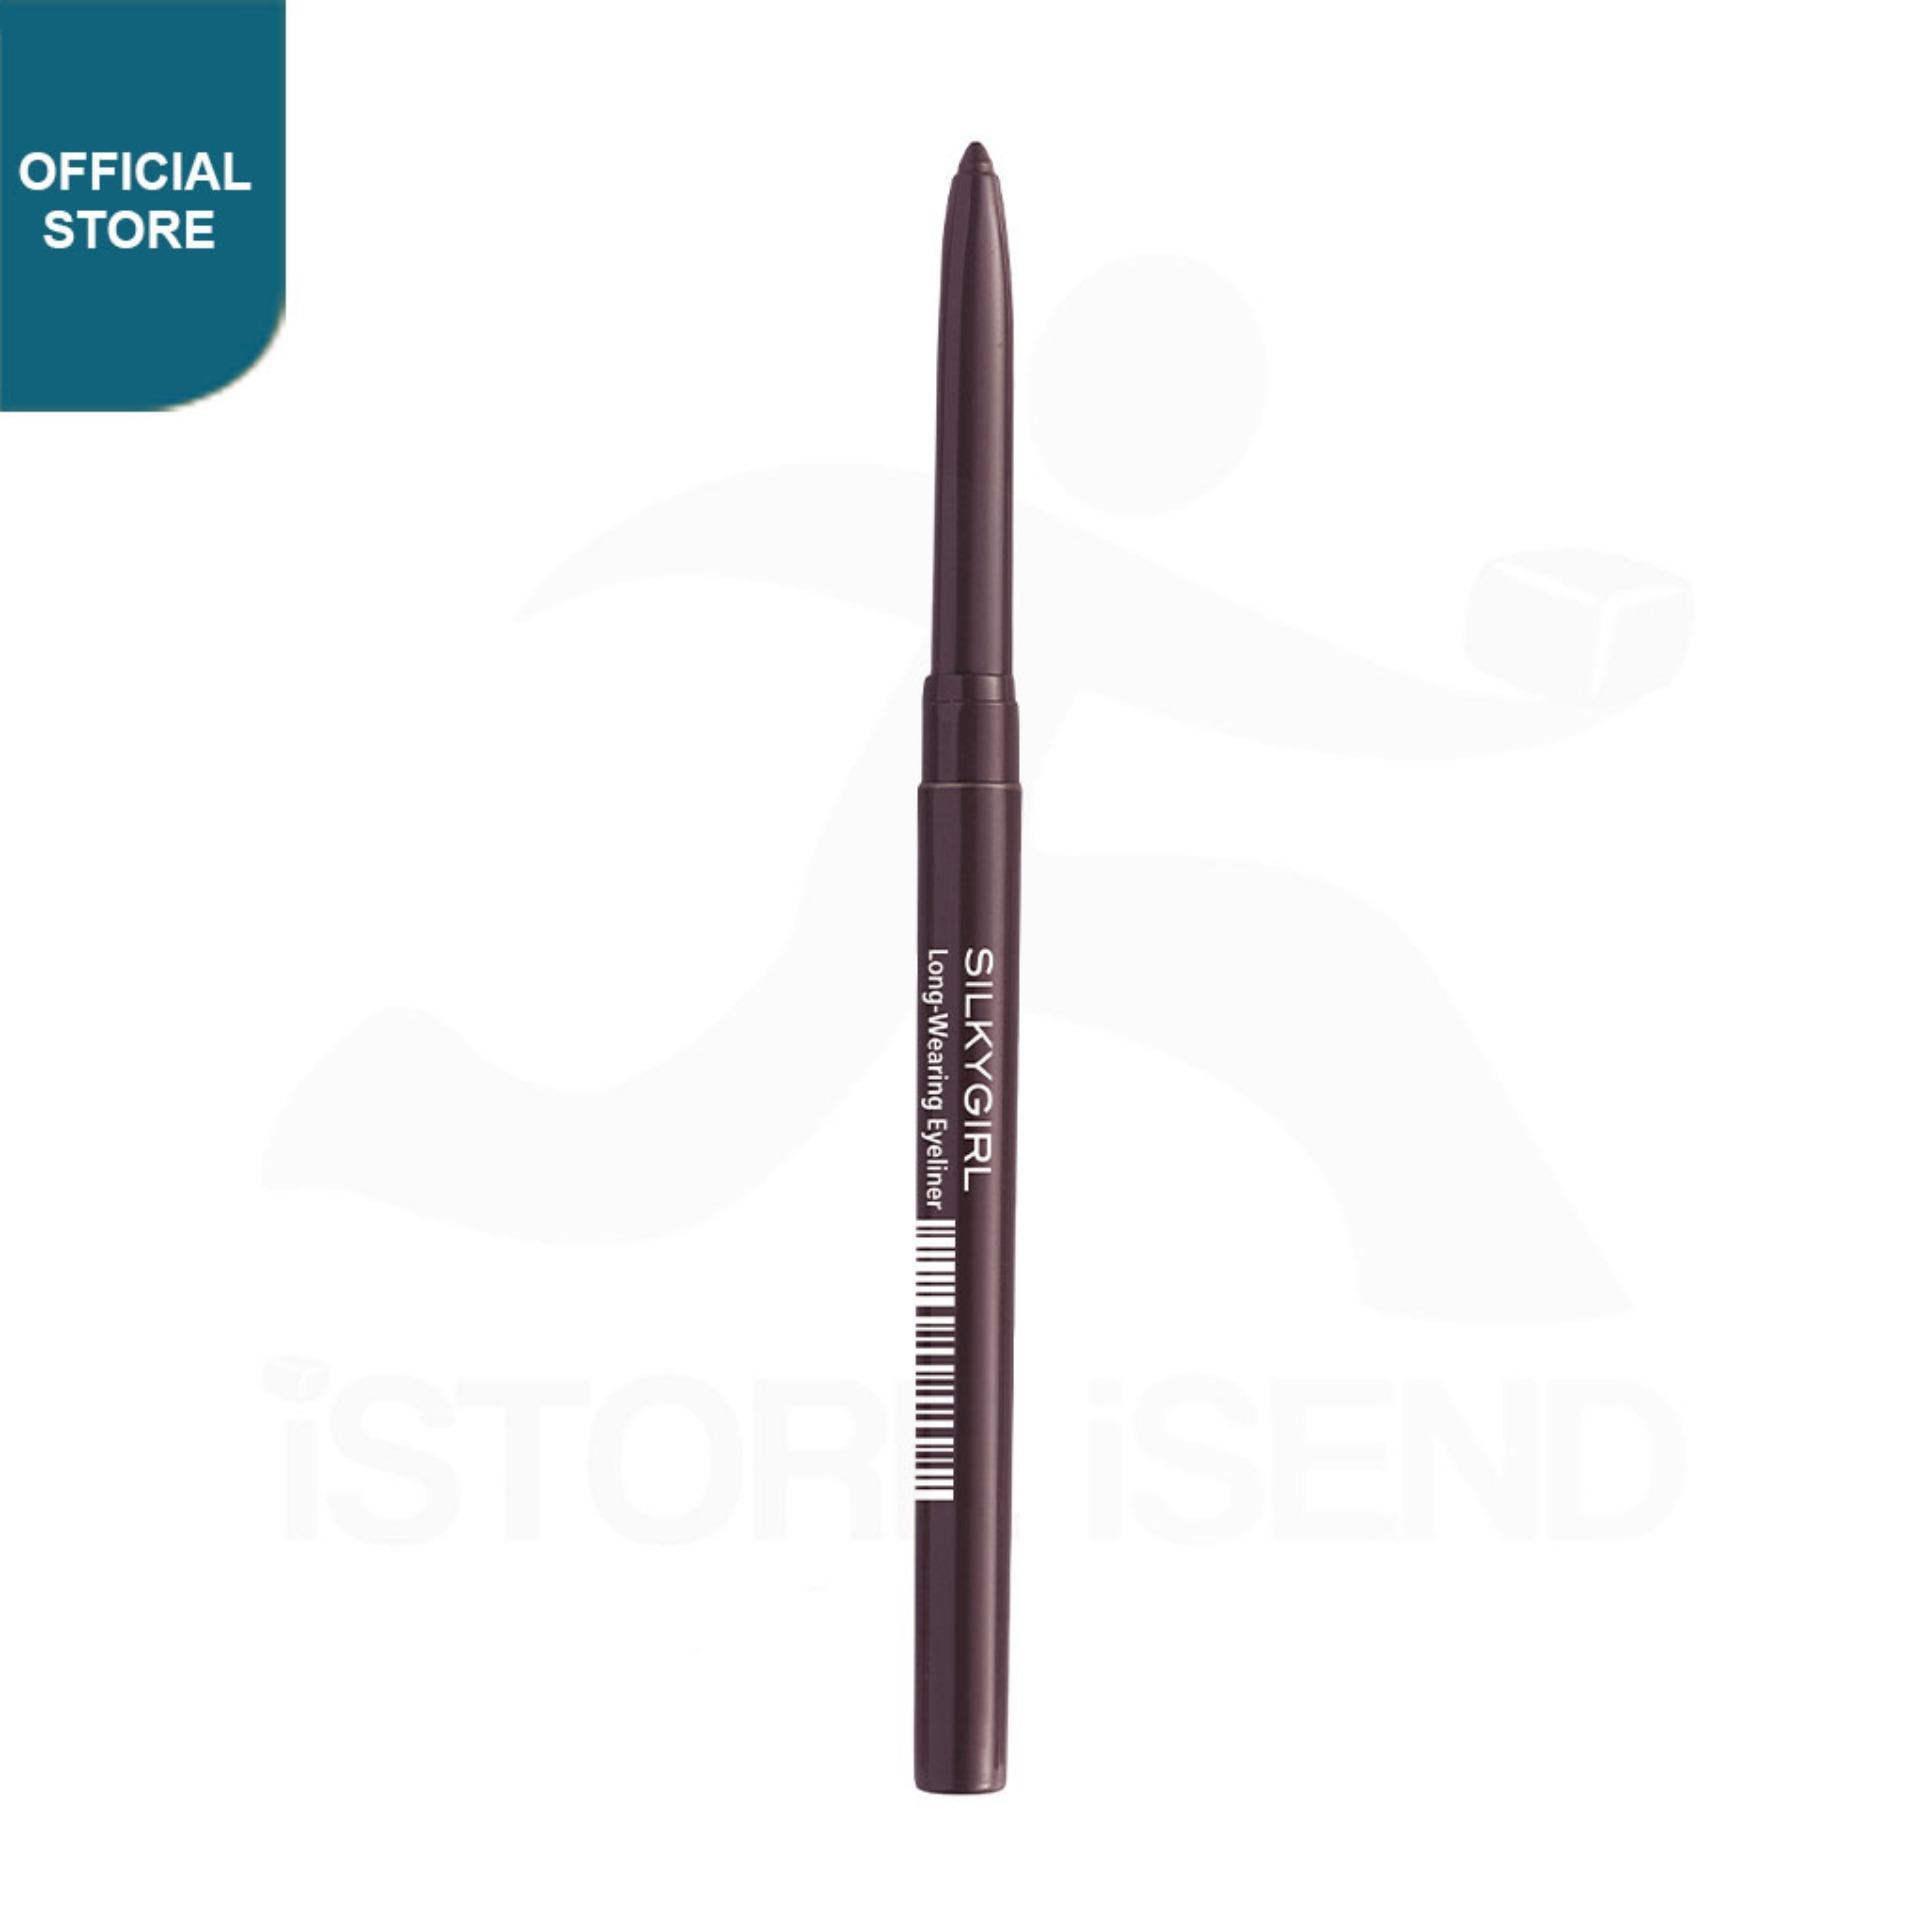 SILKYGIRL Long Wearing Eyeliner 02 Black Brown (GE0201-02)